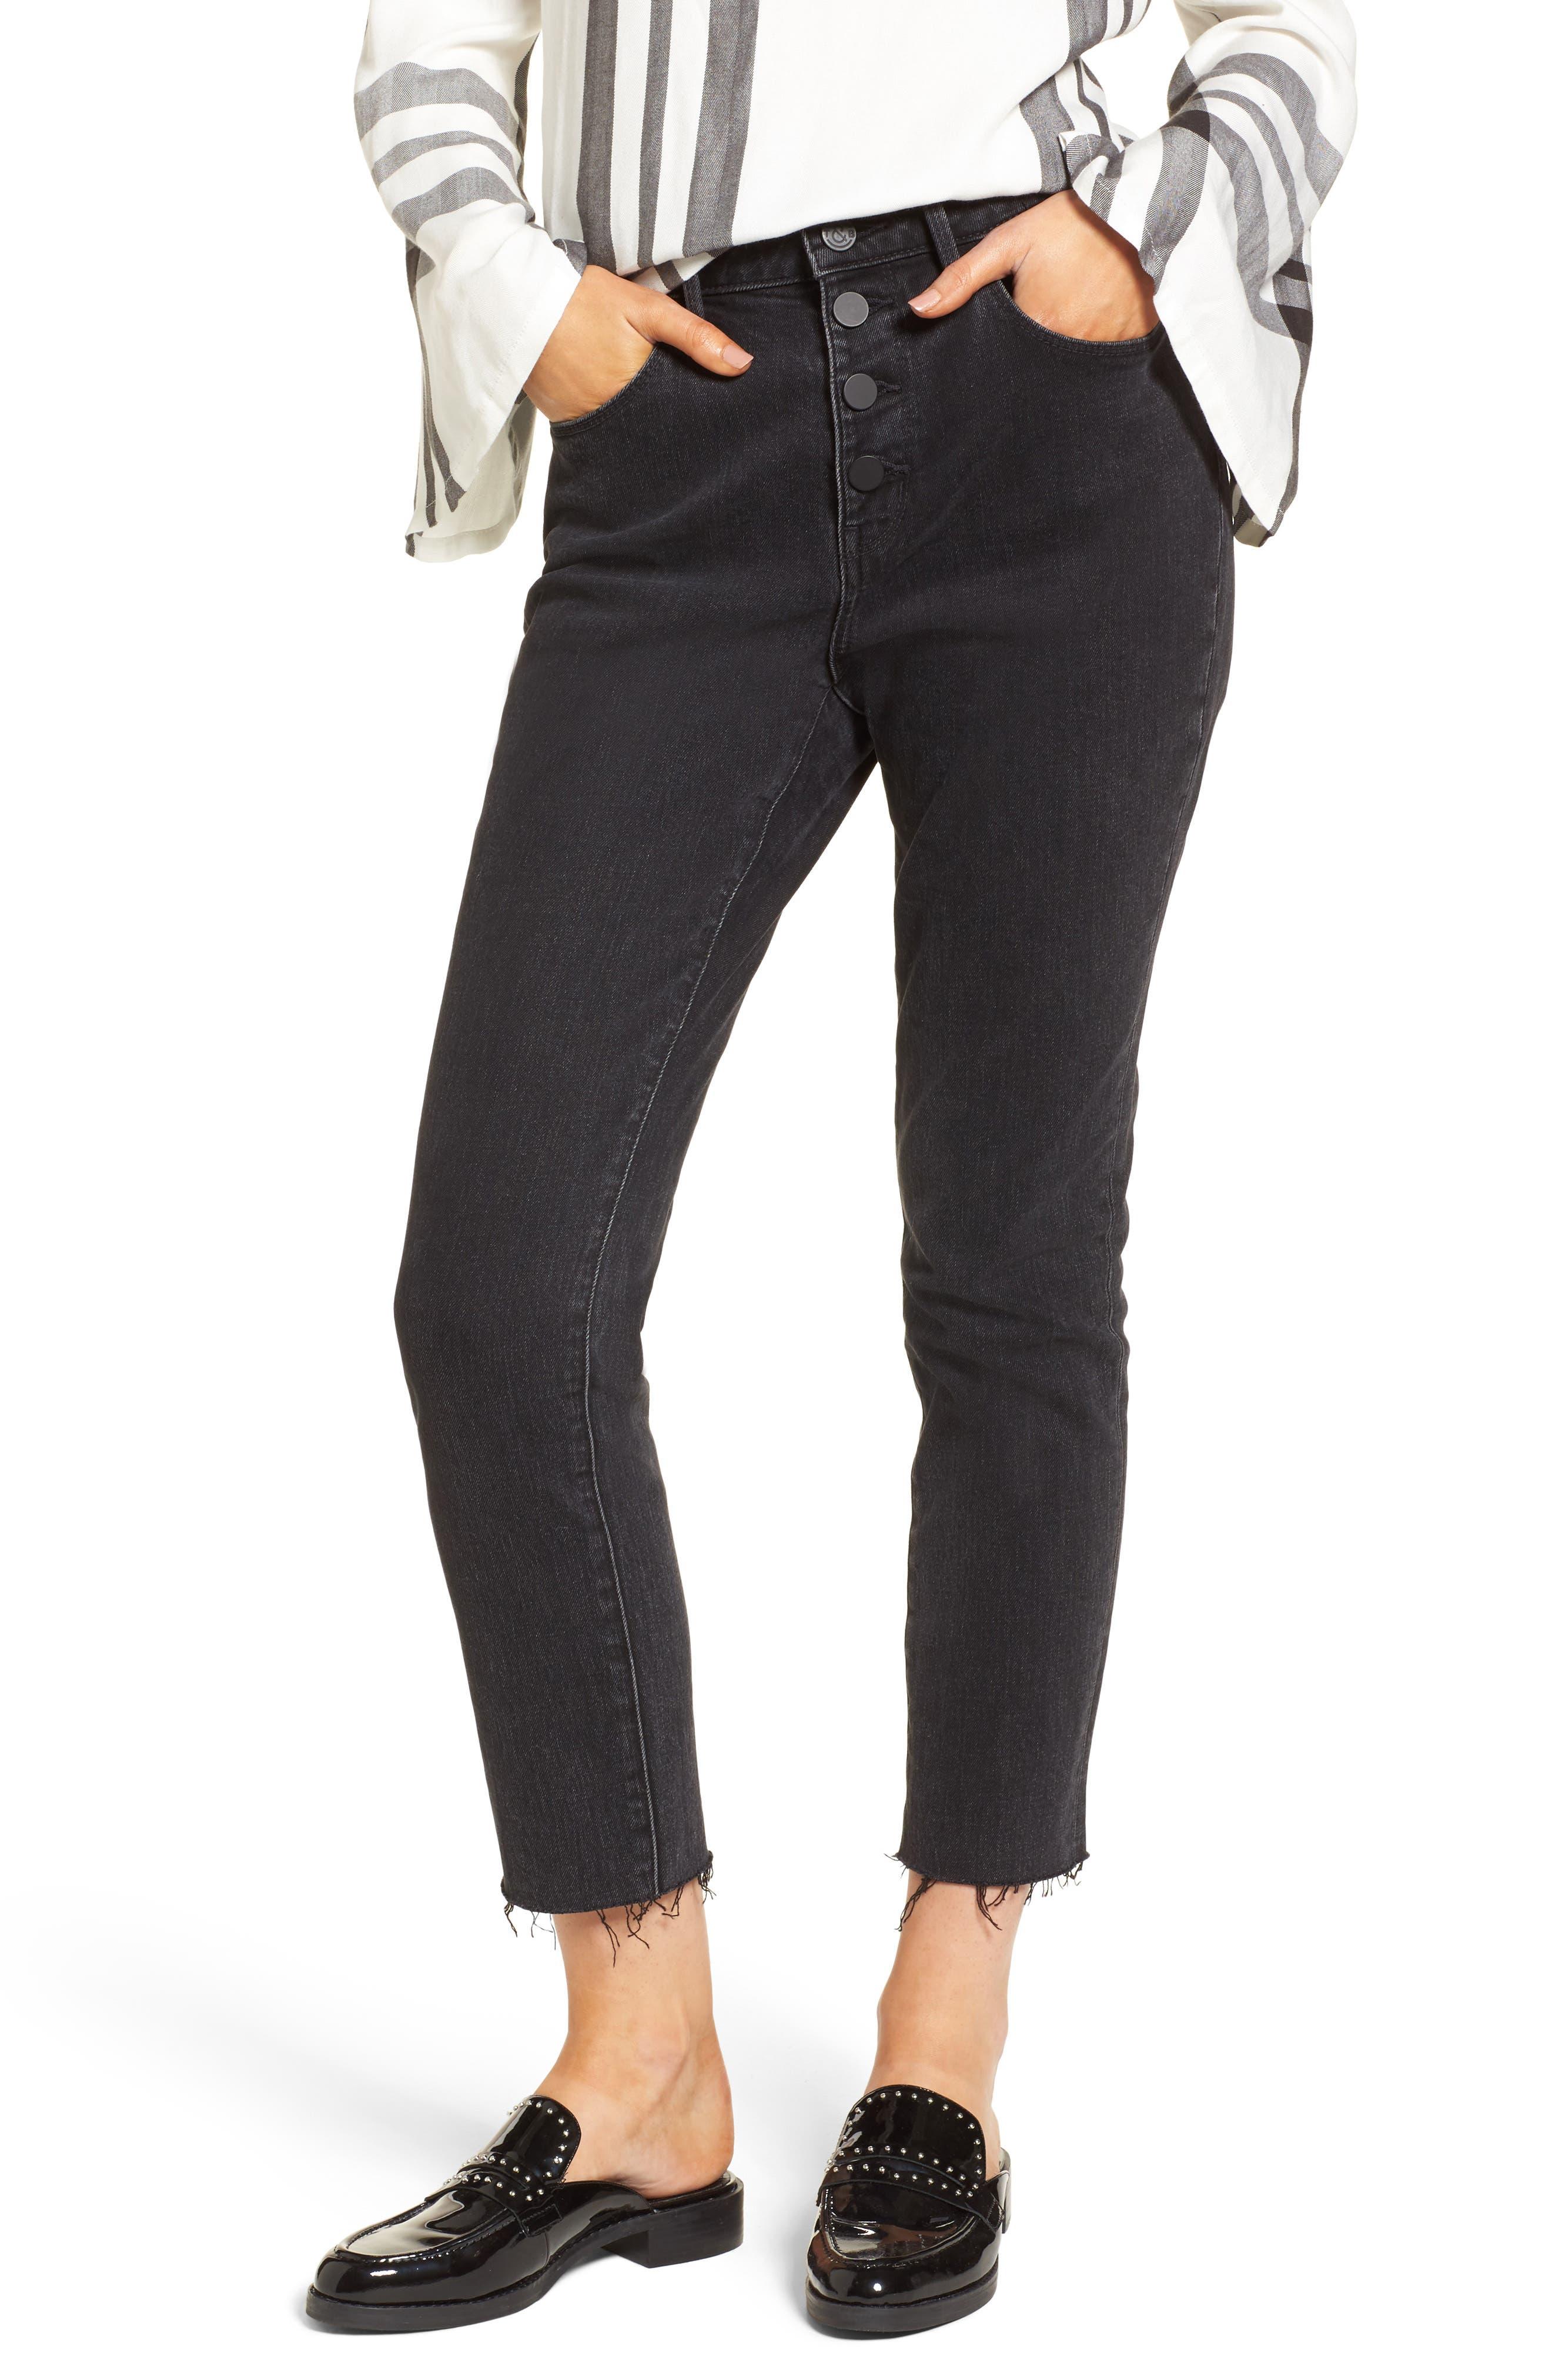 Bond Loose Fit Ankle Skinny Jeans,                         Main,                         color, Black Dark Vintage